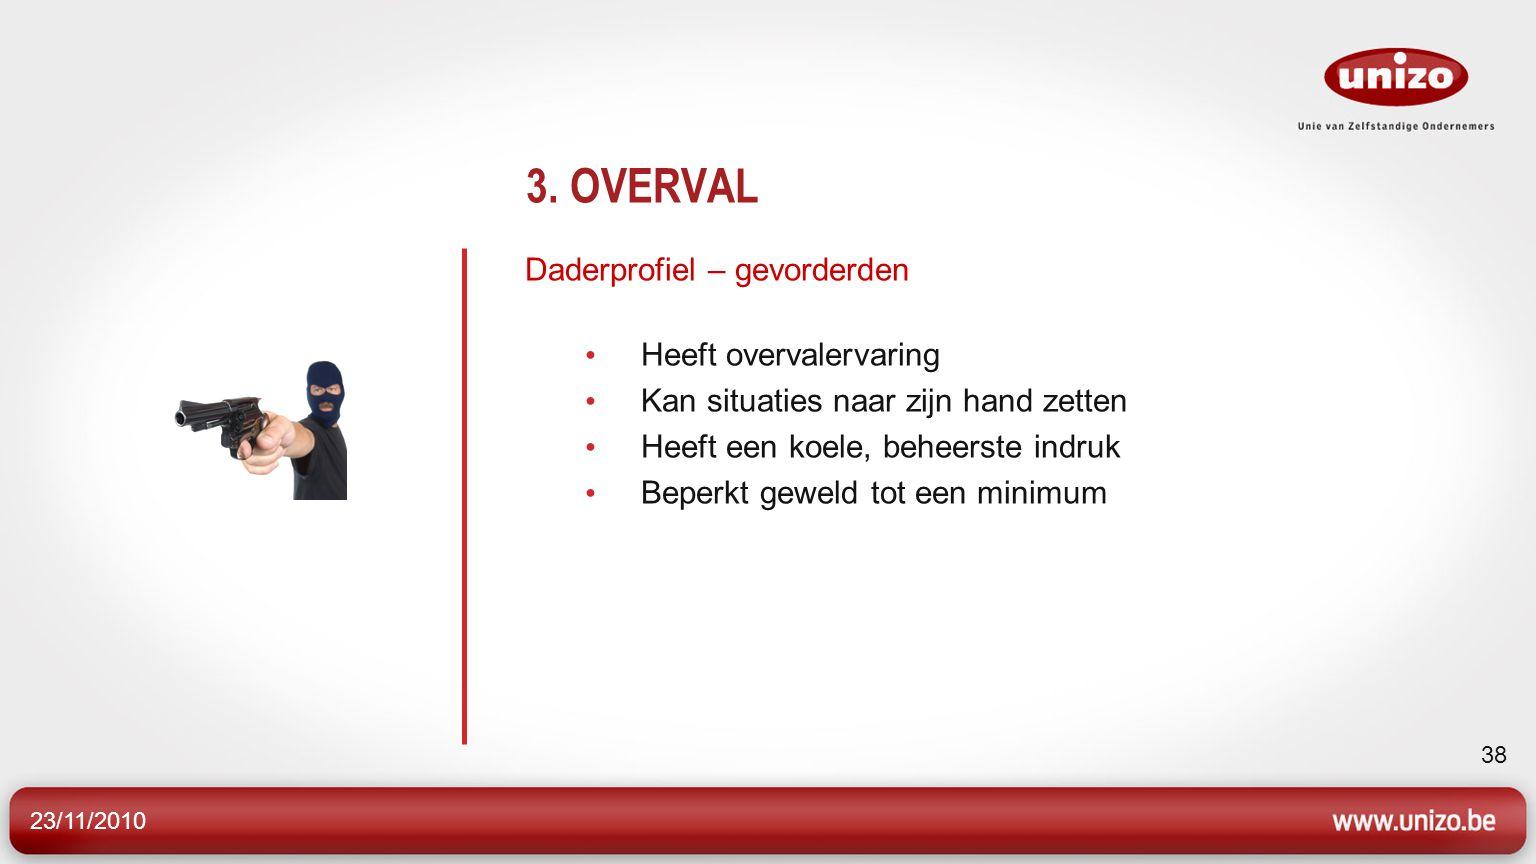 23/11/2010 38 3. OVERVAL Daderprofiel – gevorderden Heeft overvalervaring Kan situaties naar zijn hand zetten Heeft een koele, beheerste indruk Beperk